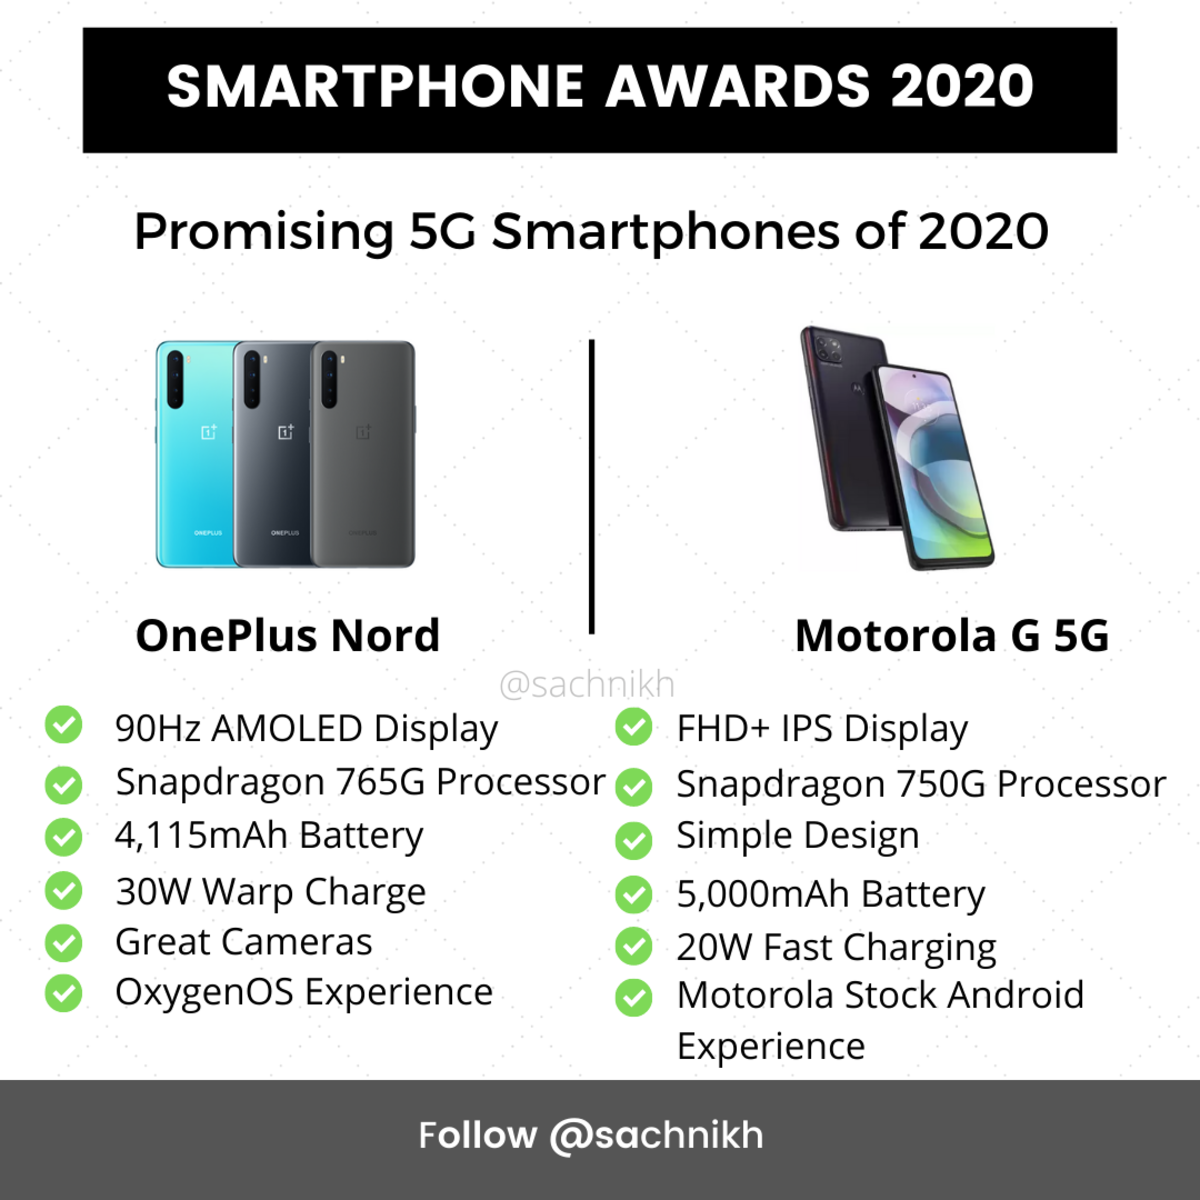 OnePlus Nord and Motorola Moto G 5G